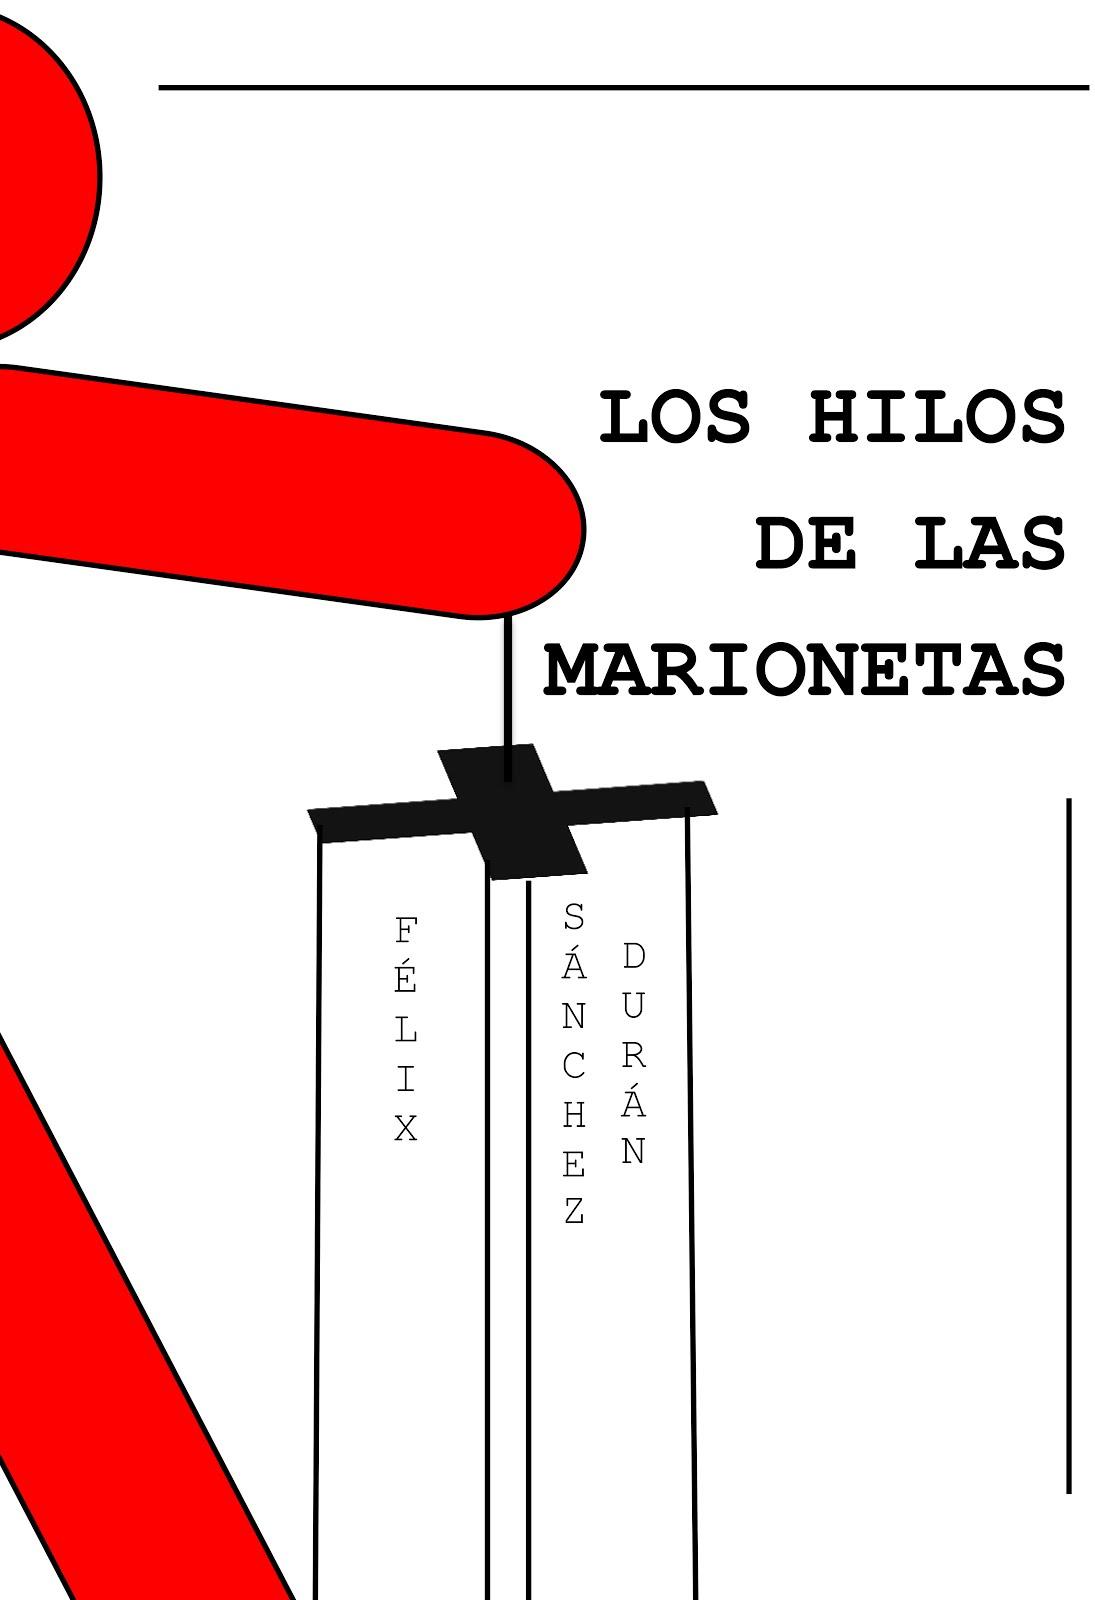 Los hilos de las marionetas - Libro (PDF), en Scribd...